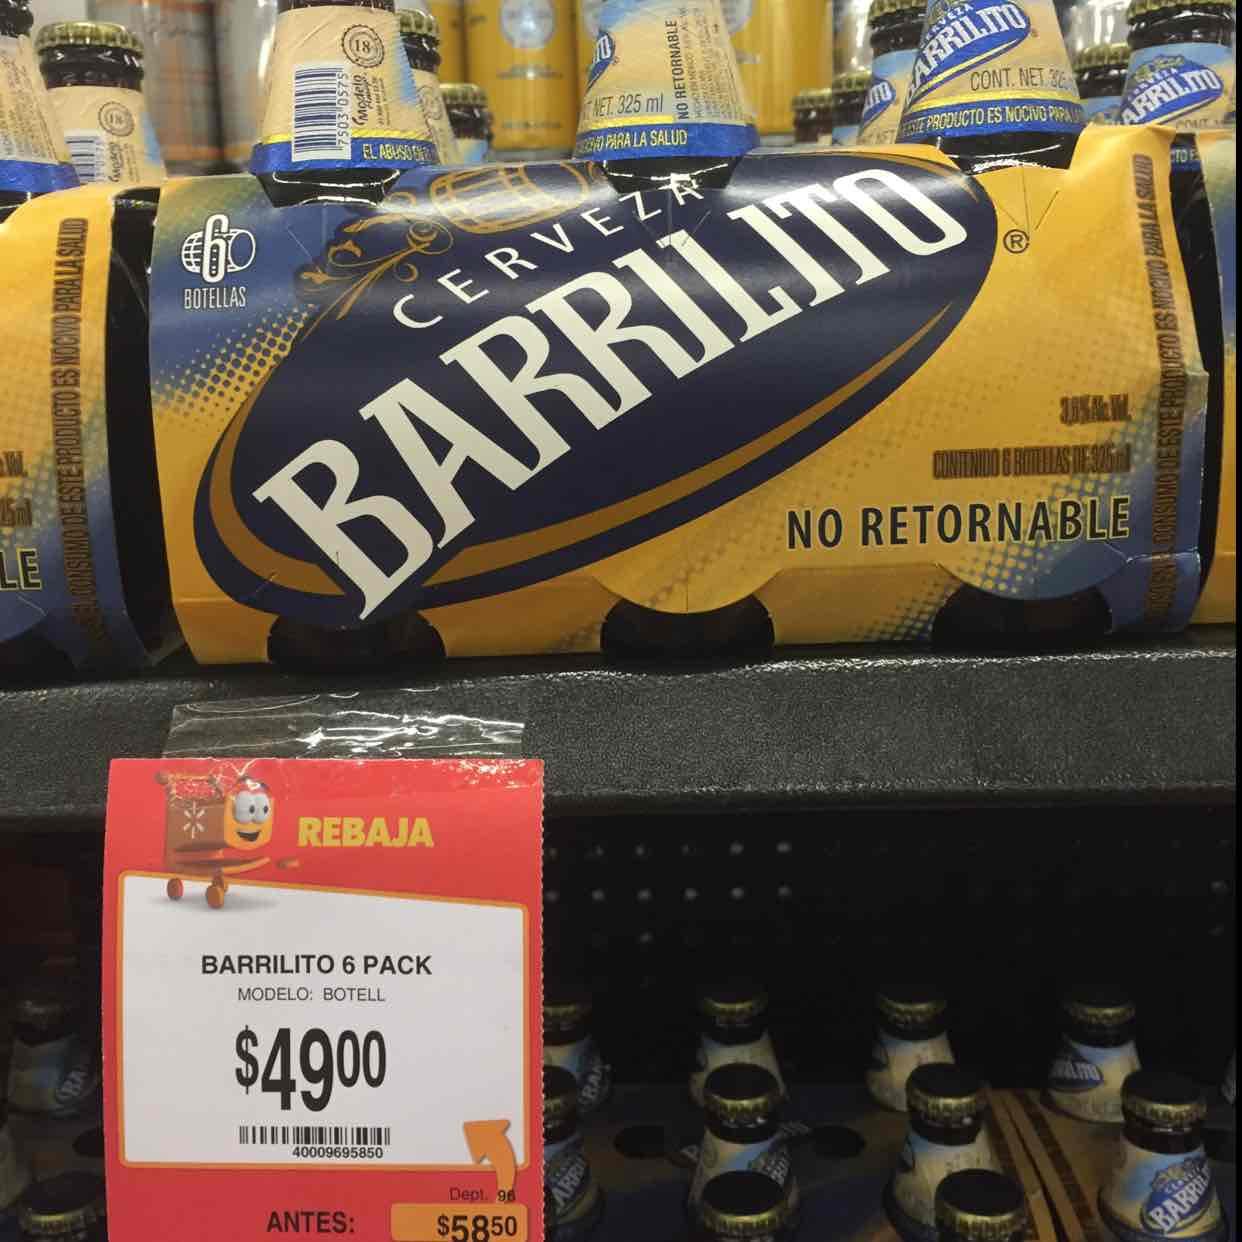 Walmart: six de barrilito a $49